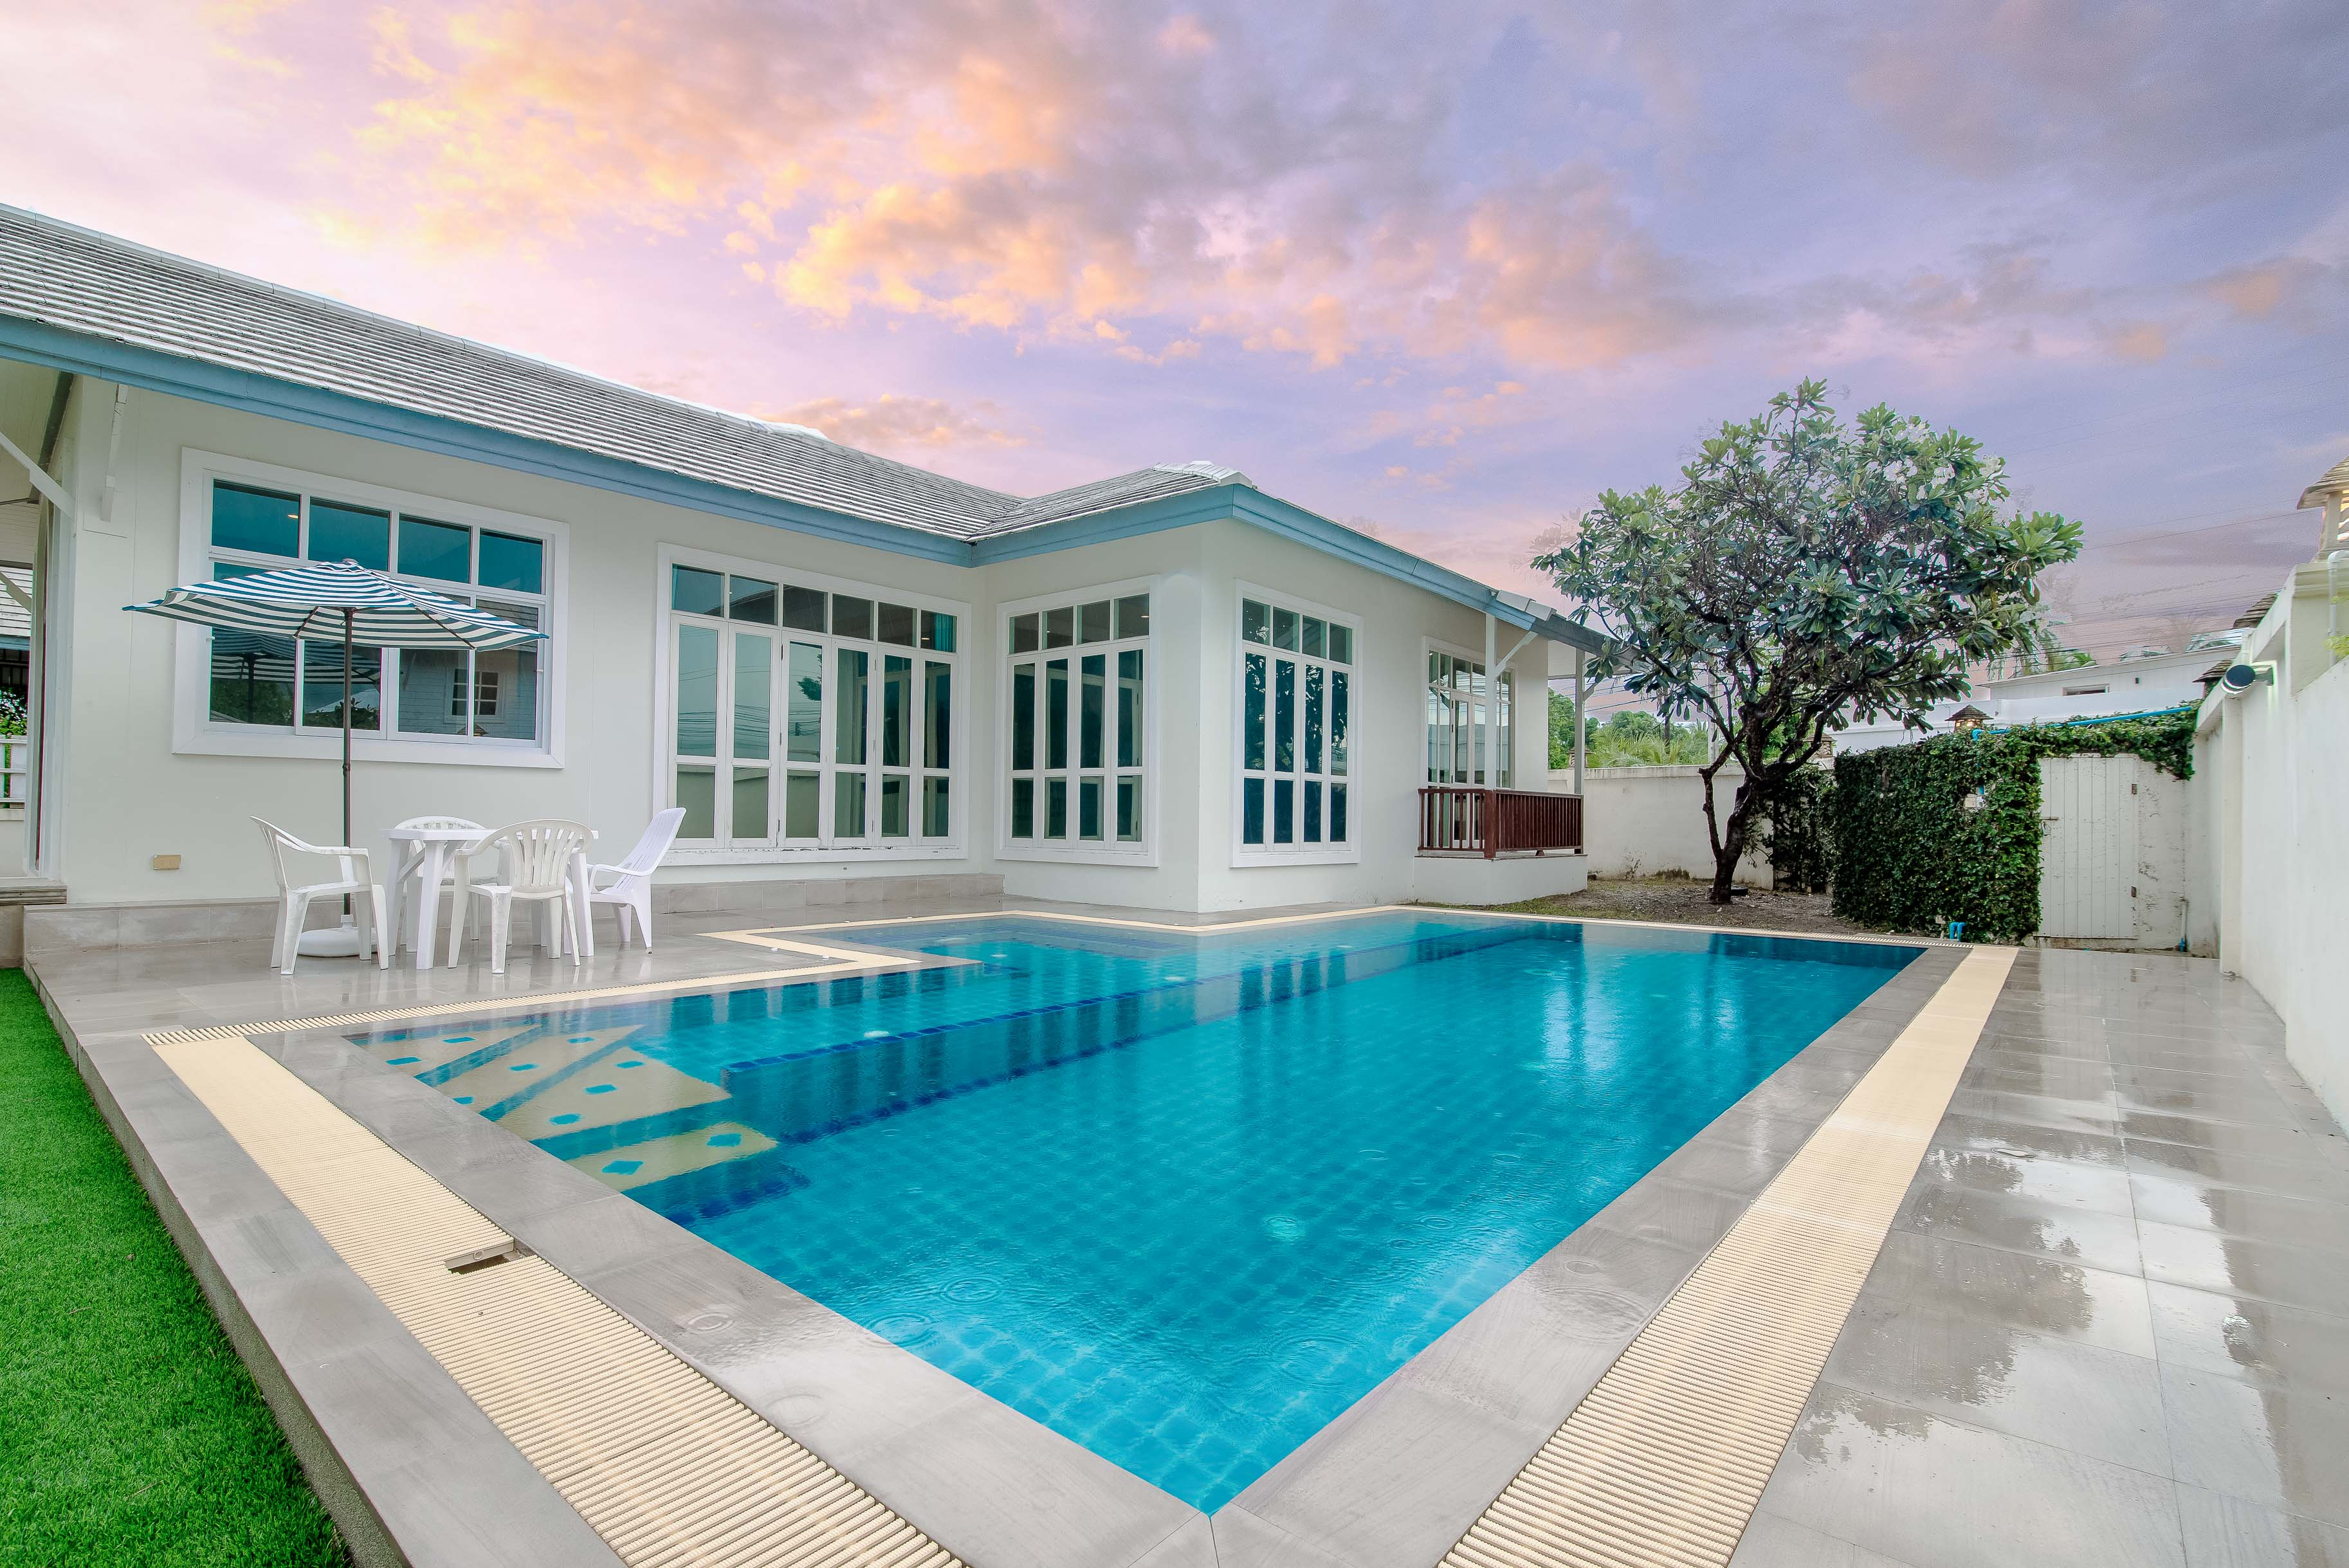 บ้านพักหัวหินมีสระว่ายน้ำ